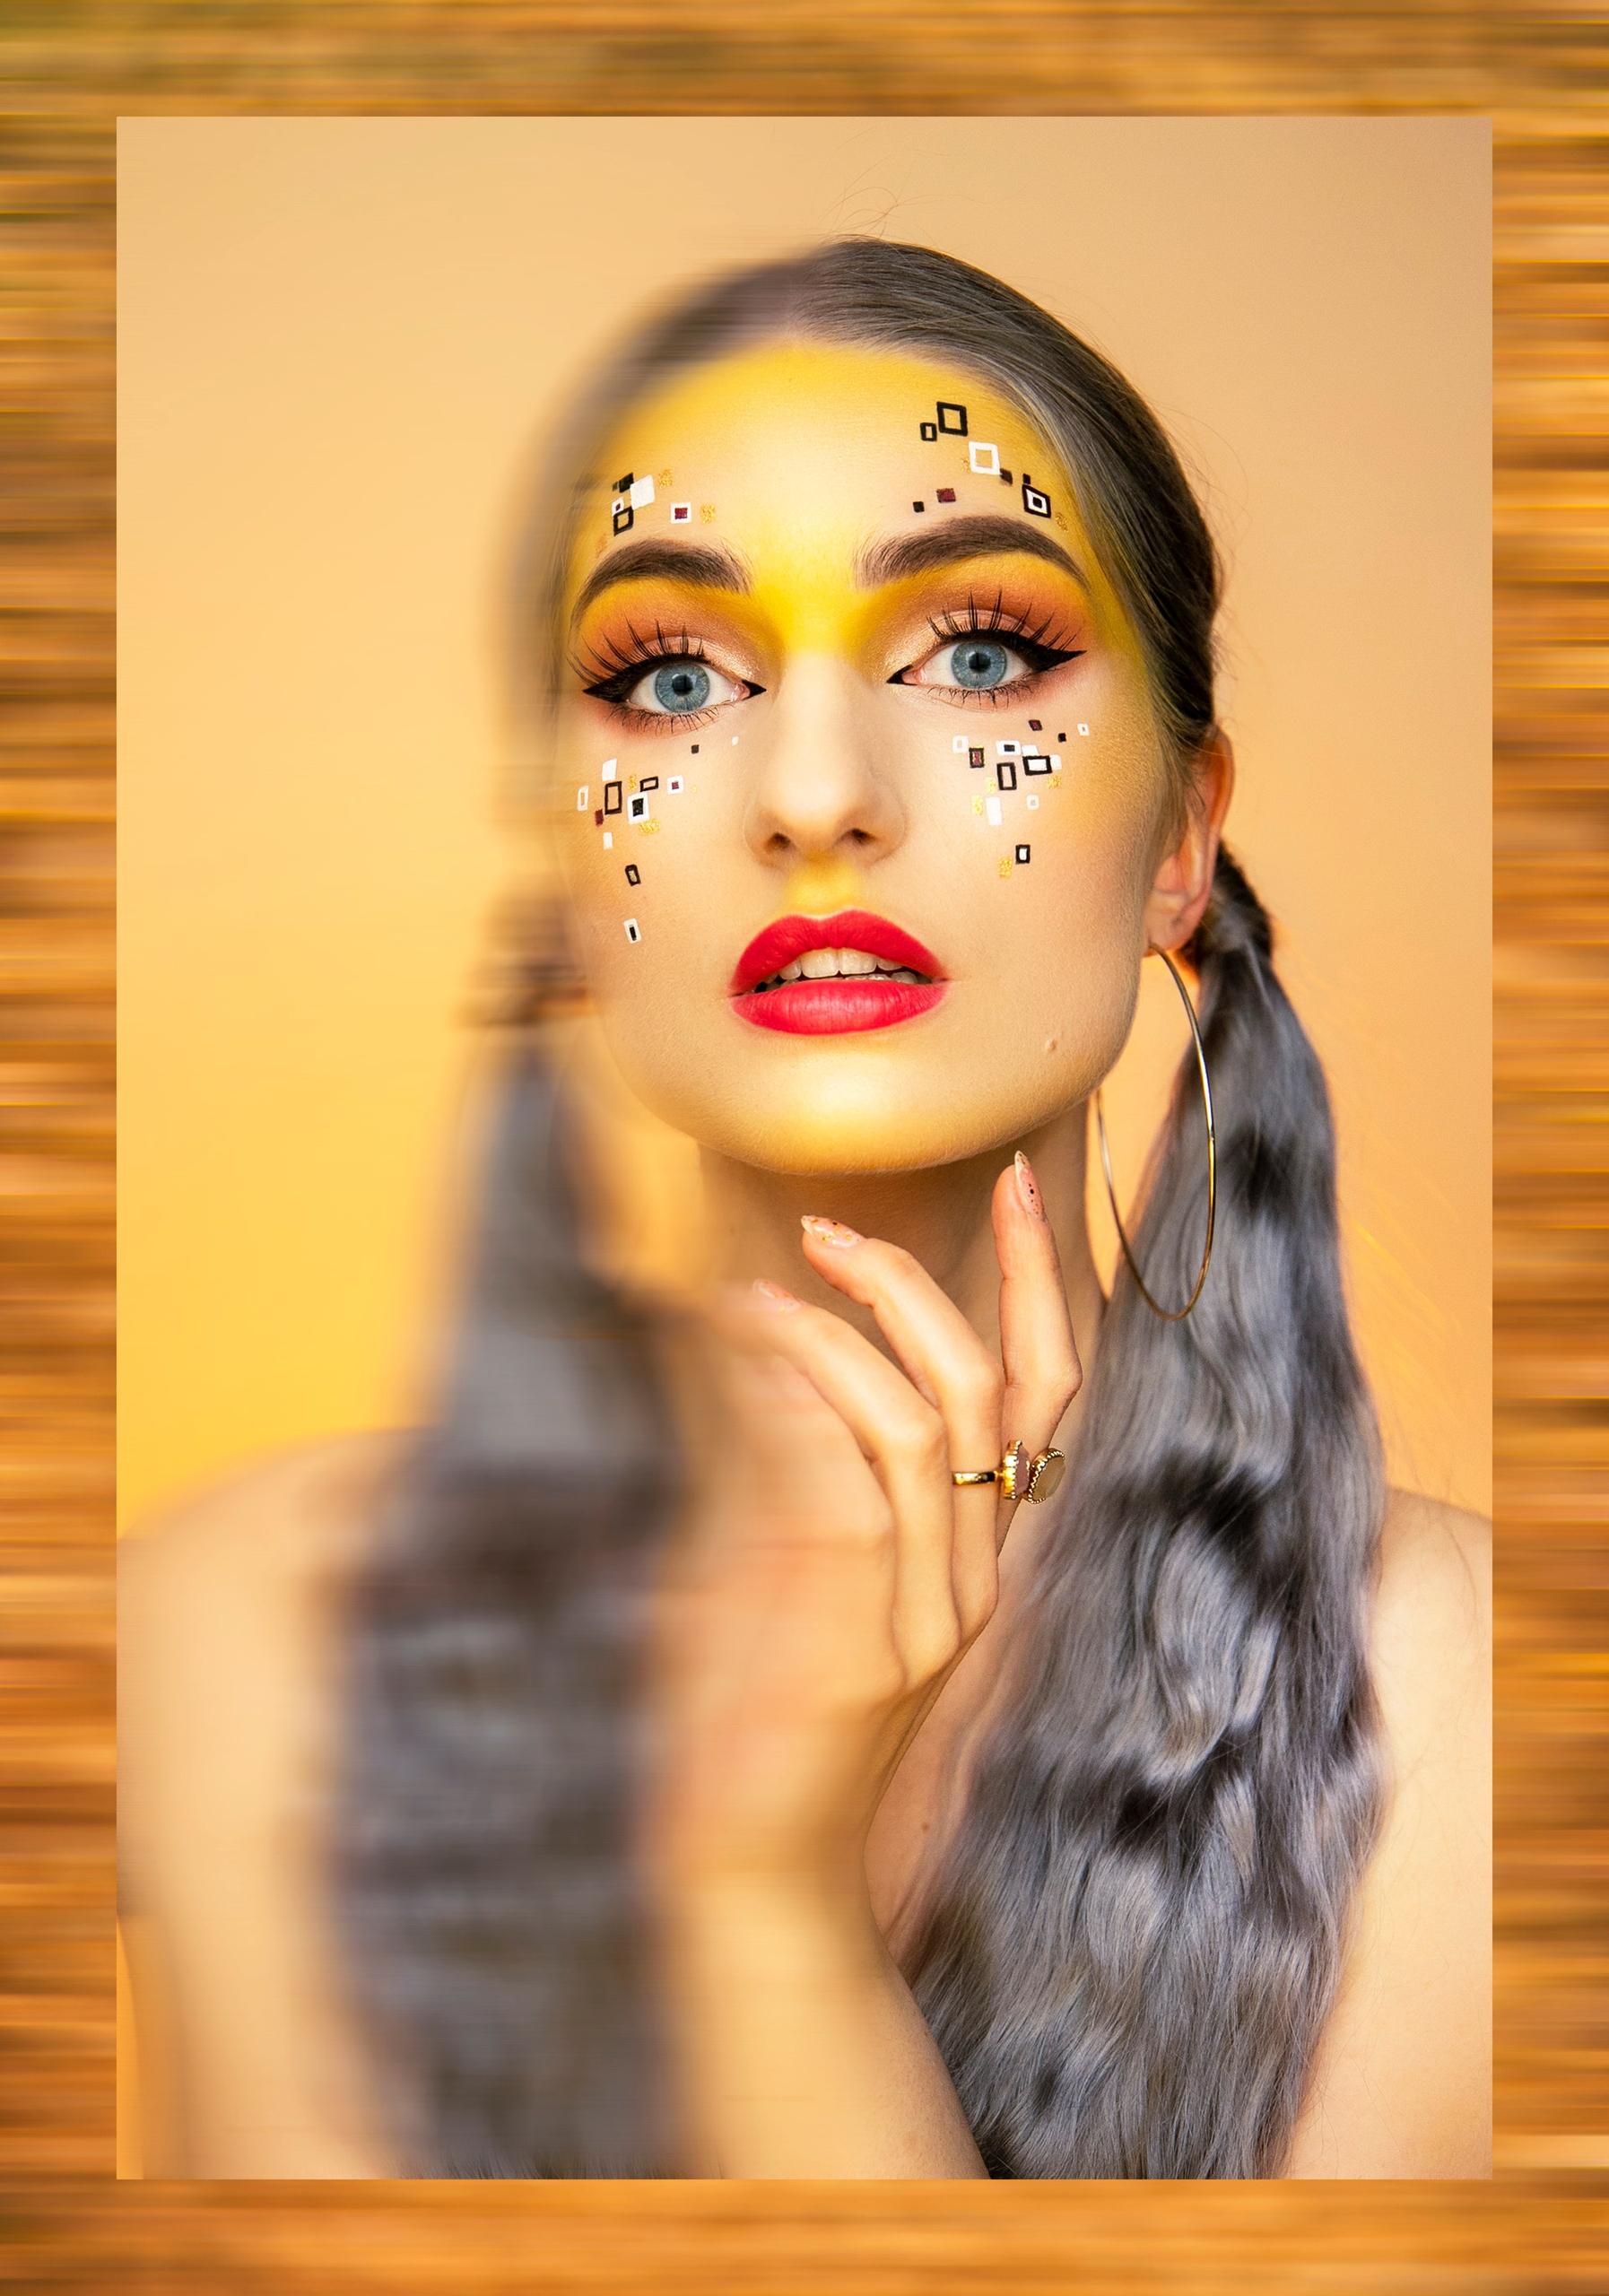 Portret przedstawia kobietę w artystycznym makijażu patrzącą w dal. Dookoła fotografii ramka.